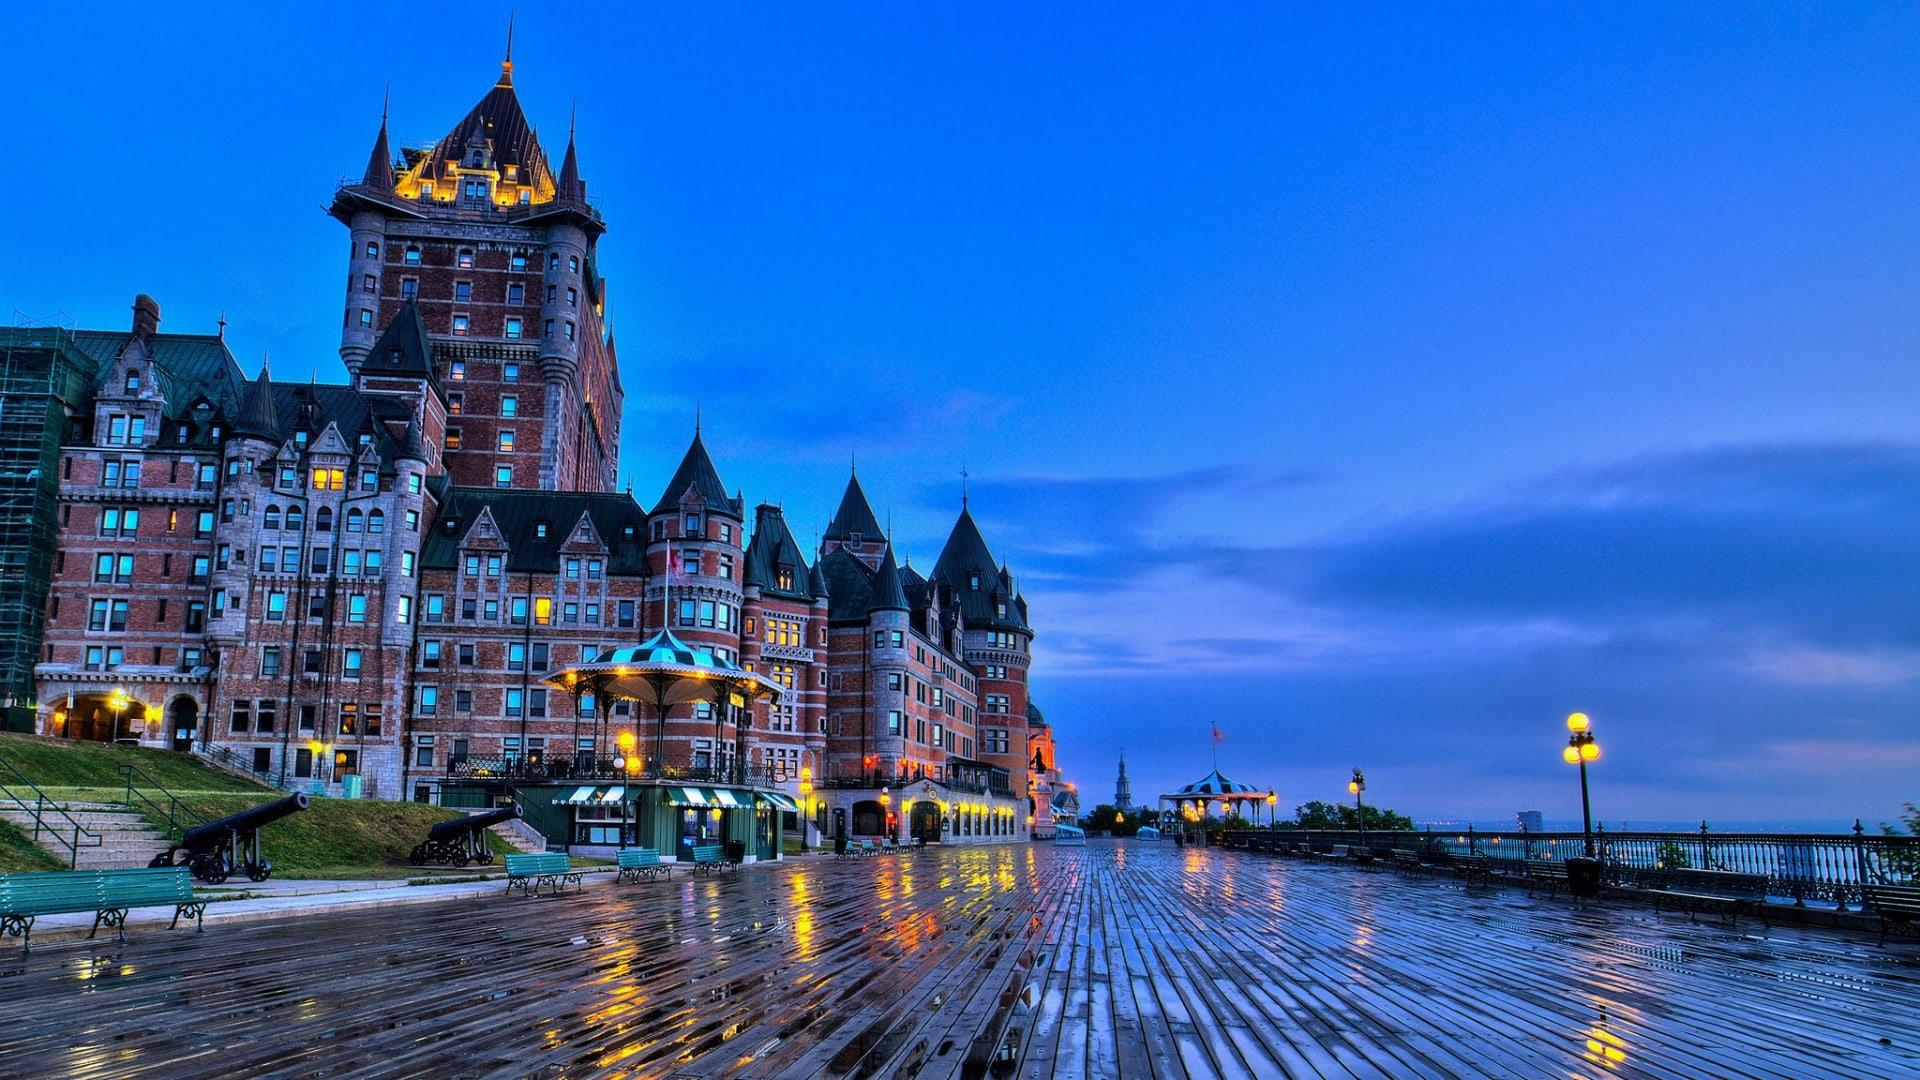 Фото Нова програма, яка допоможе іммігрантам вирішити, де їм жити в Канаді.